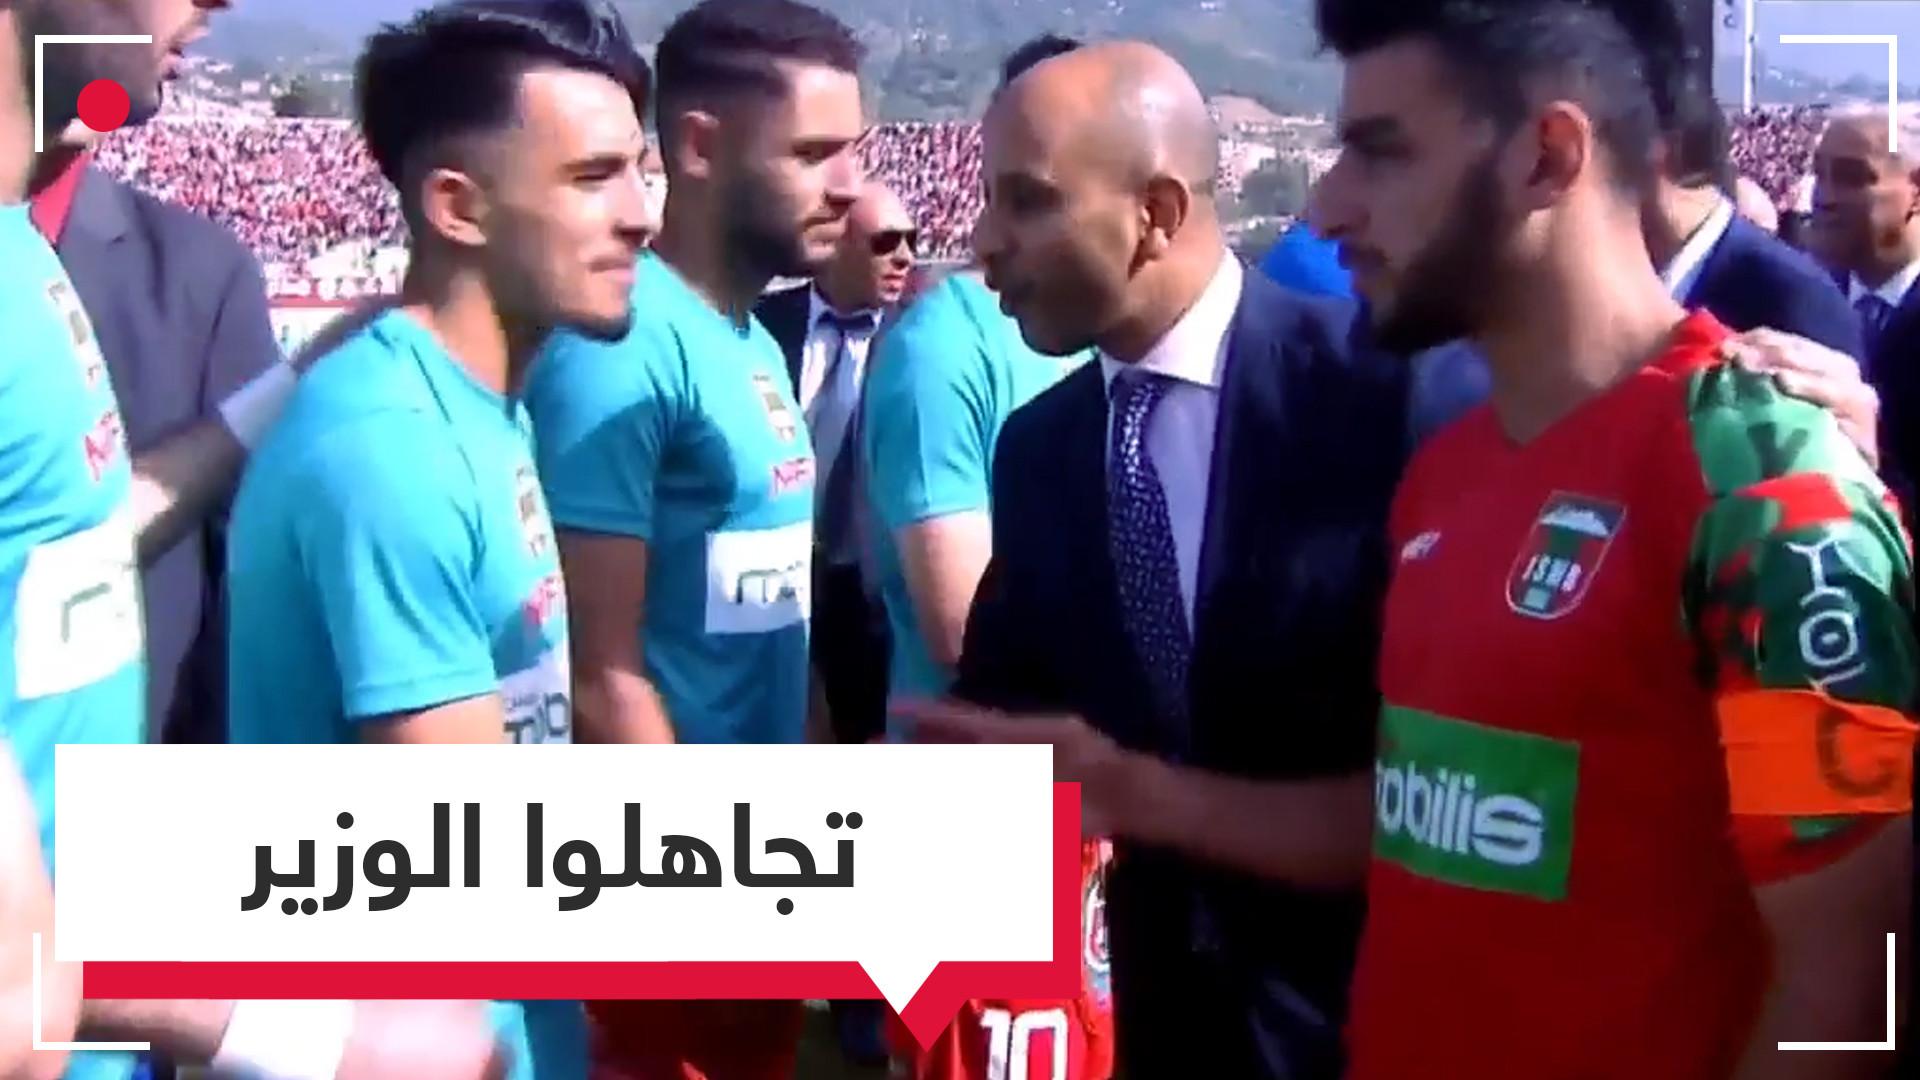 الجزائر.. لاعبو شبيبة بجاية يتجاهلون وزير الشباب والرياضة